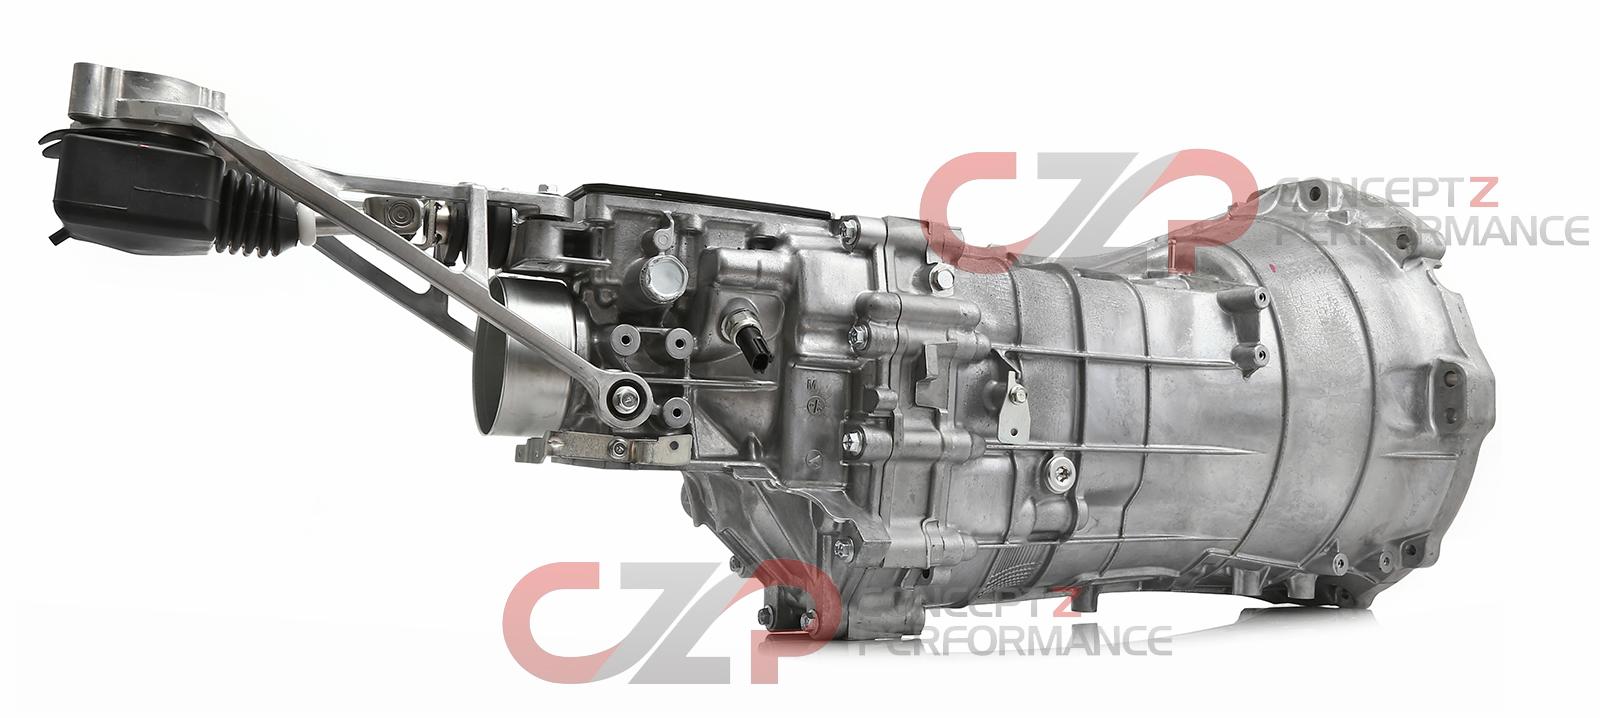 Nissan / Infiniti Nissan OEM 320B0-1EA0B Manual Transmission embly on nissan titan wiring harness diagram, nissan engine wiring harness, nissan 3.5 engine, nissan maxima wiring diagram, nissan frame schematics, nissan car stereo wiring diagram, nissan s13 fuel pump wiring, nissan 2.5 engine, nissan maintenance schedule, nissan schematic diagram, nissan recall notices, nissan radio wiring diagram, nissan transmission schematics, nissan arctic blue, nissan engine schematics, nissan s13.5, nissan sway, nissan pathfinder wiring diagram, nissan altima wiring diagram,